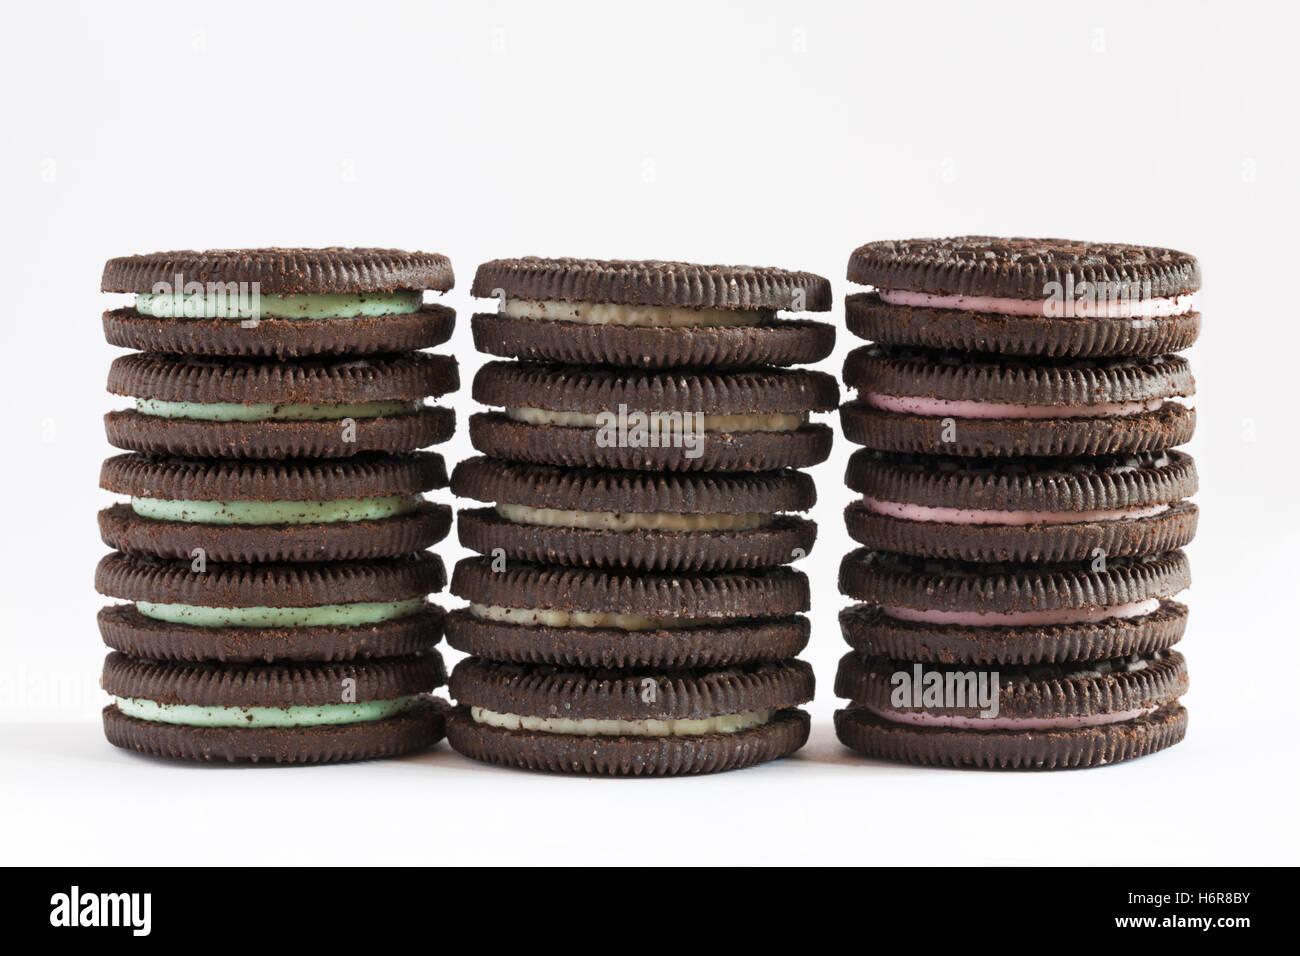 Pila di aroma di menta, sapore originale e Strawberry Cheesecake sapore Oreo biscotti isolati su sfondo bianco Immagini Stock